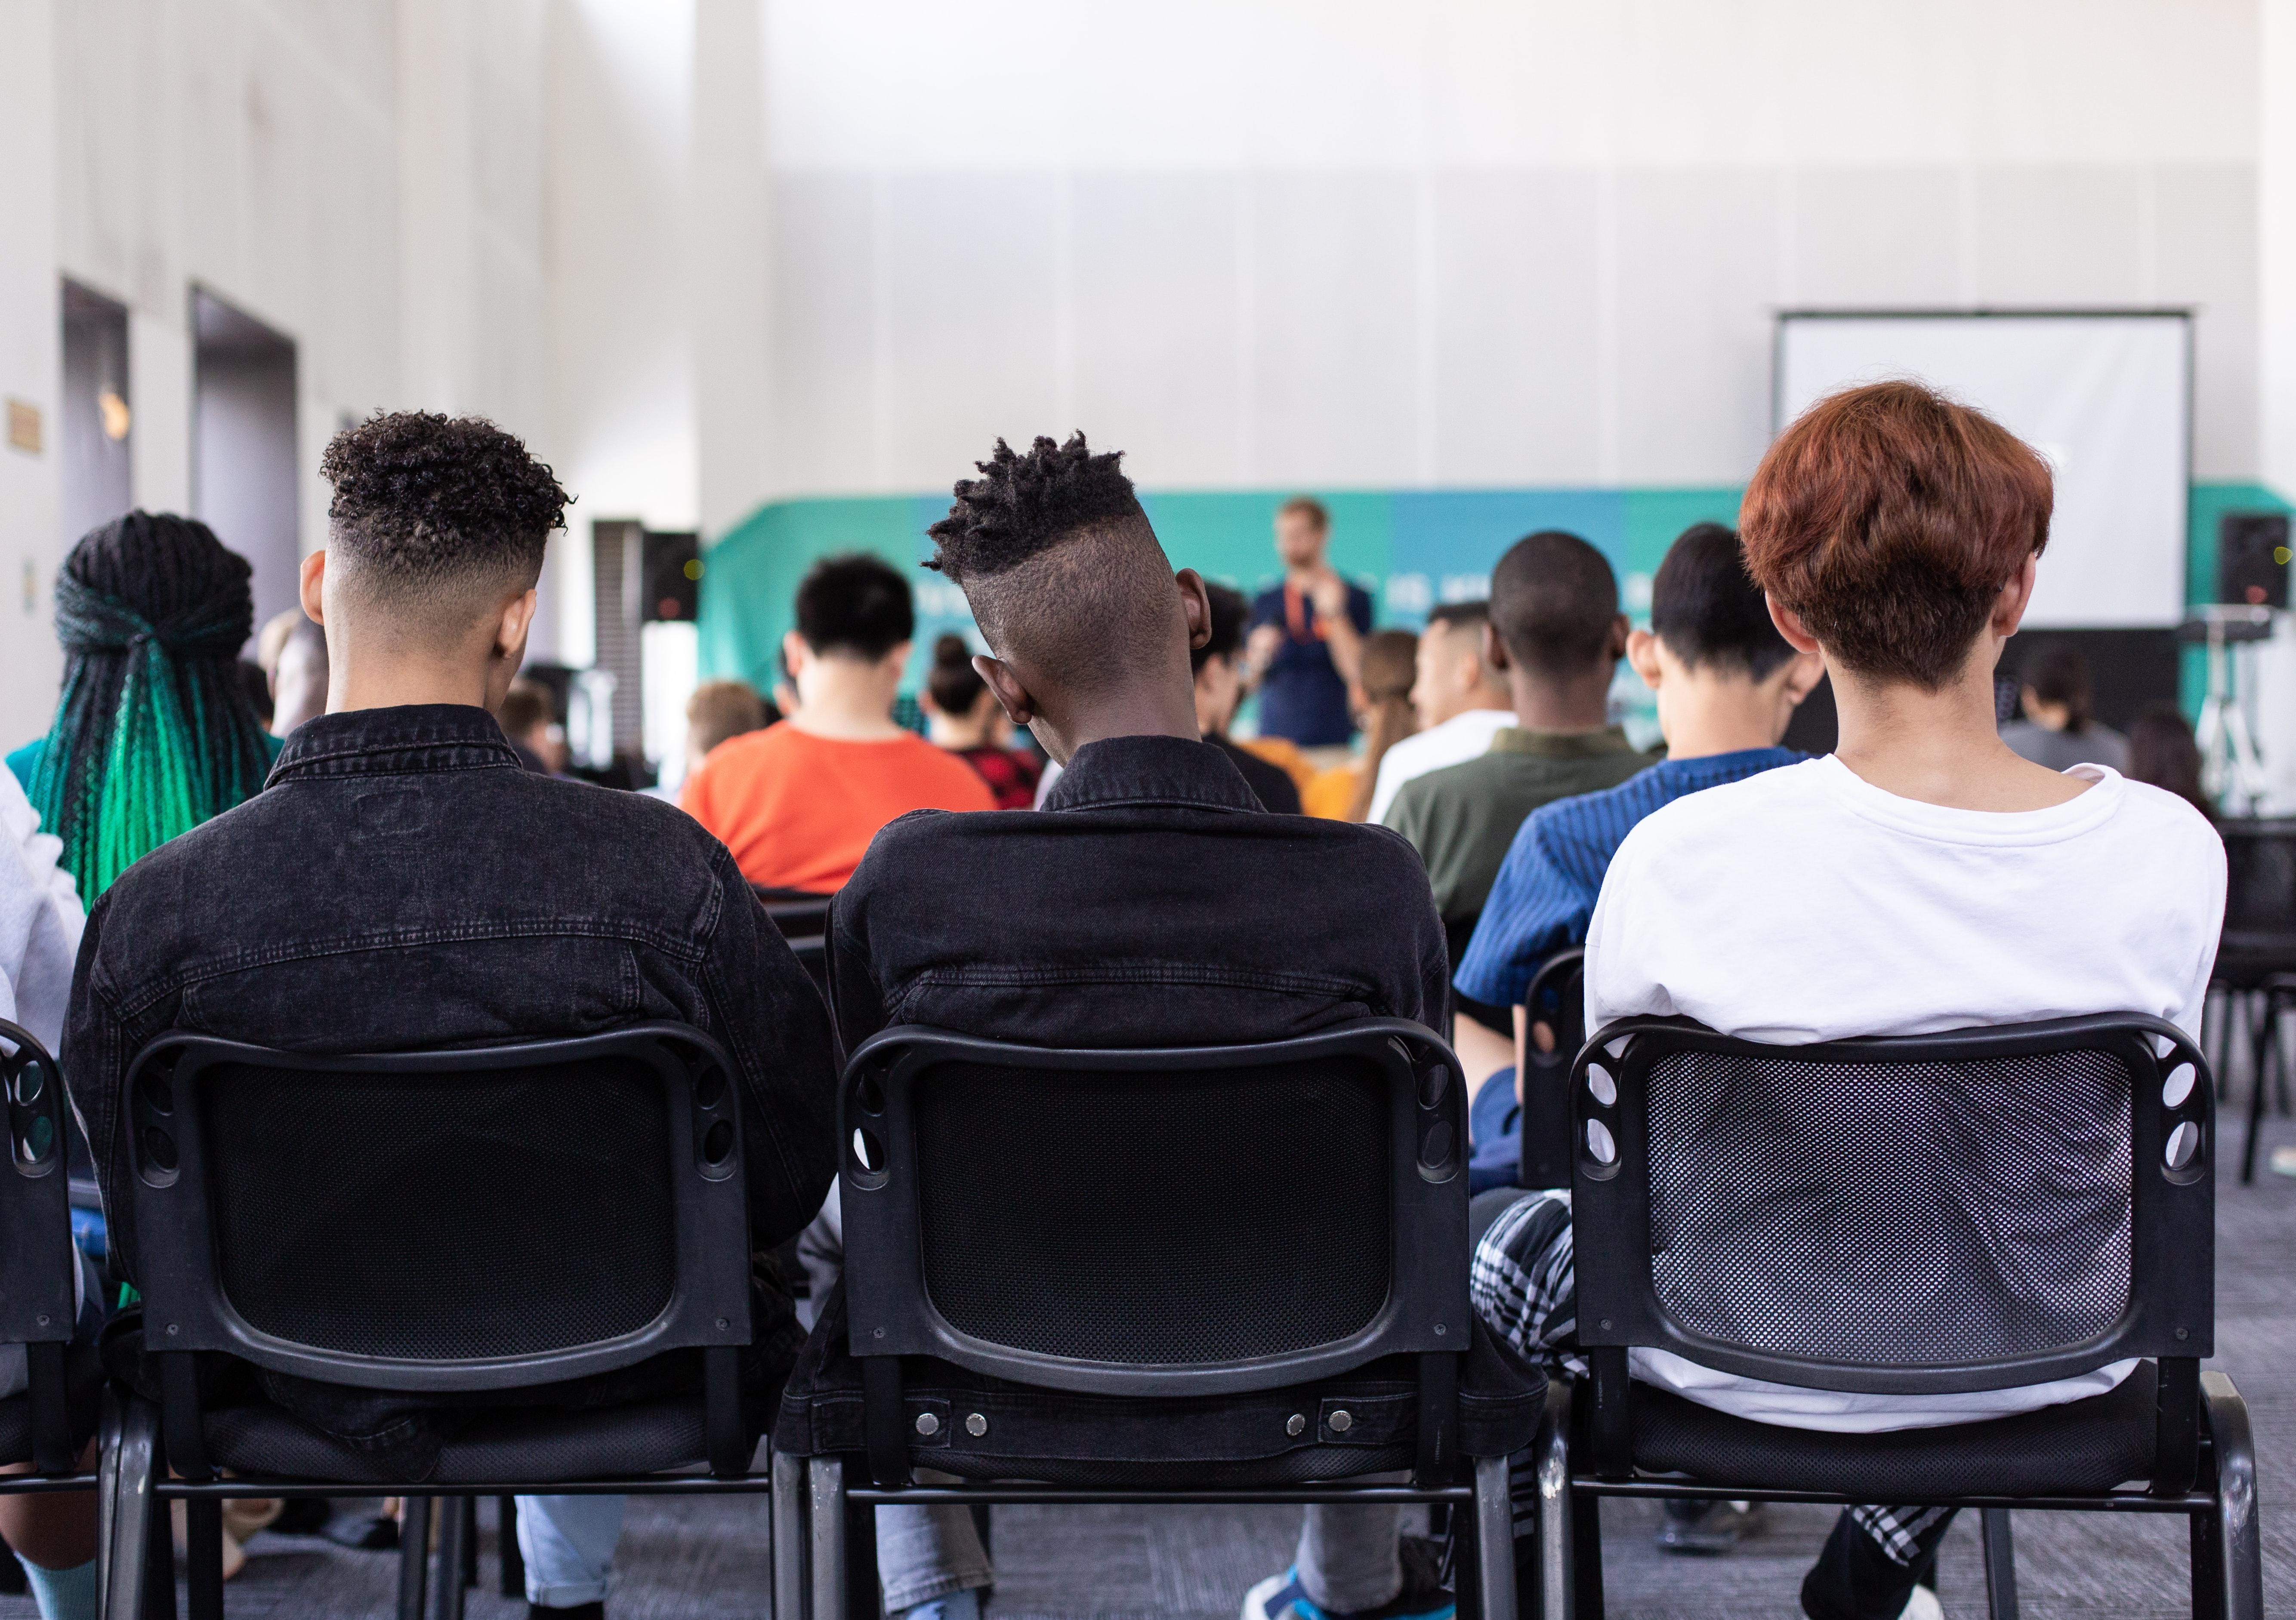 Klassensituation, drei Jugendliche sind von hinten zu sehen.